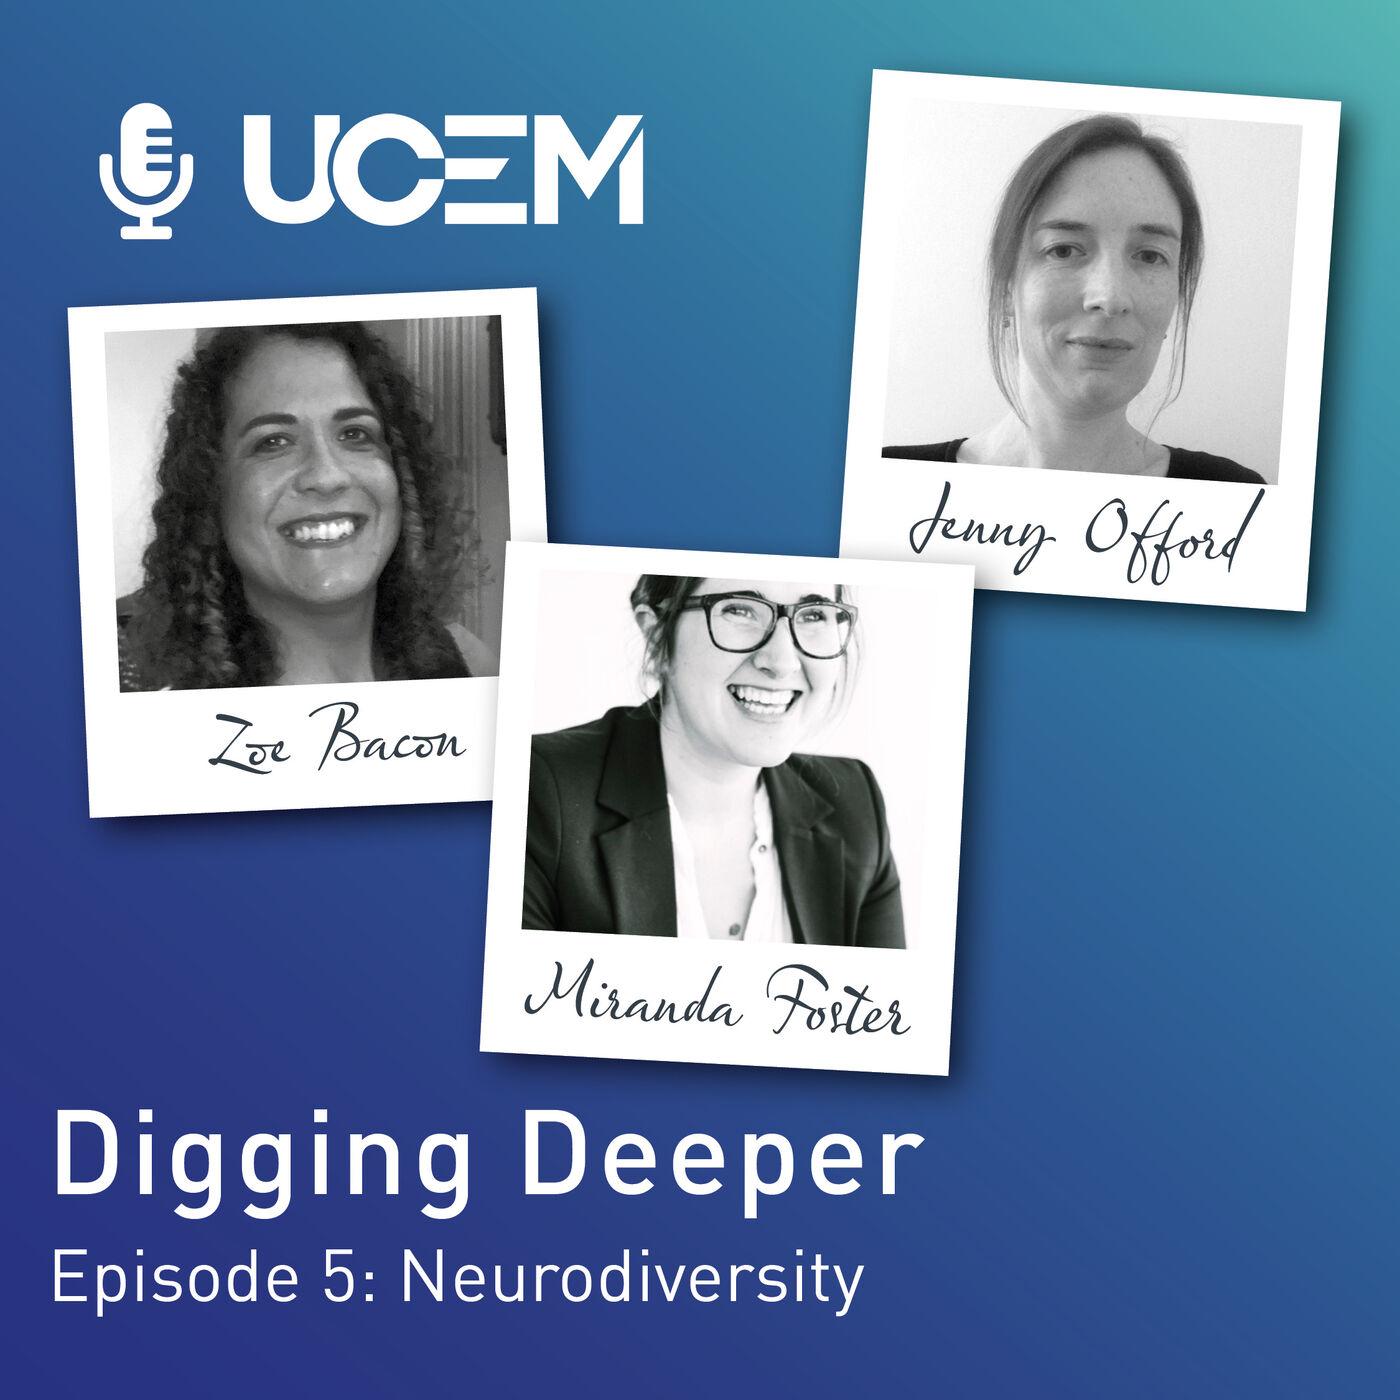 Digging Deeper - Episode 5: Neurodiversity